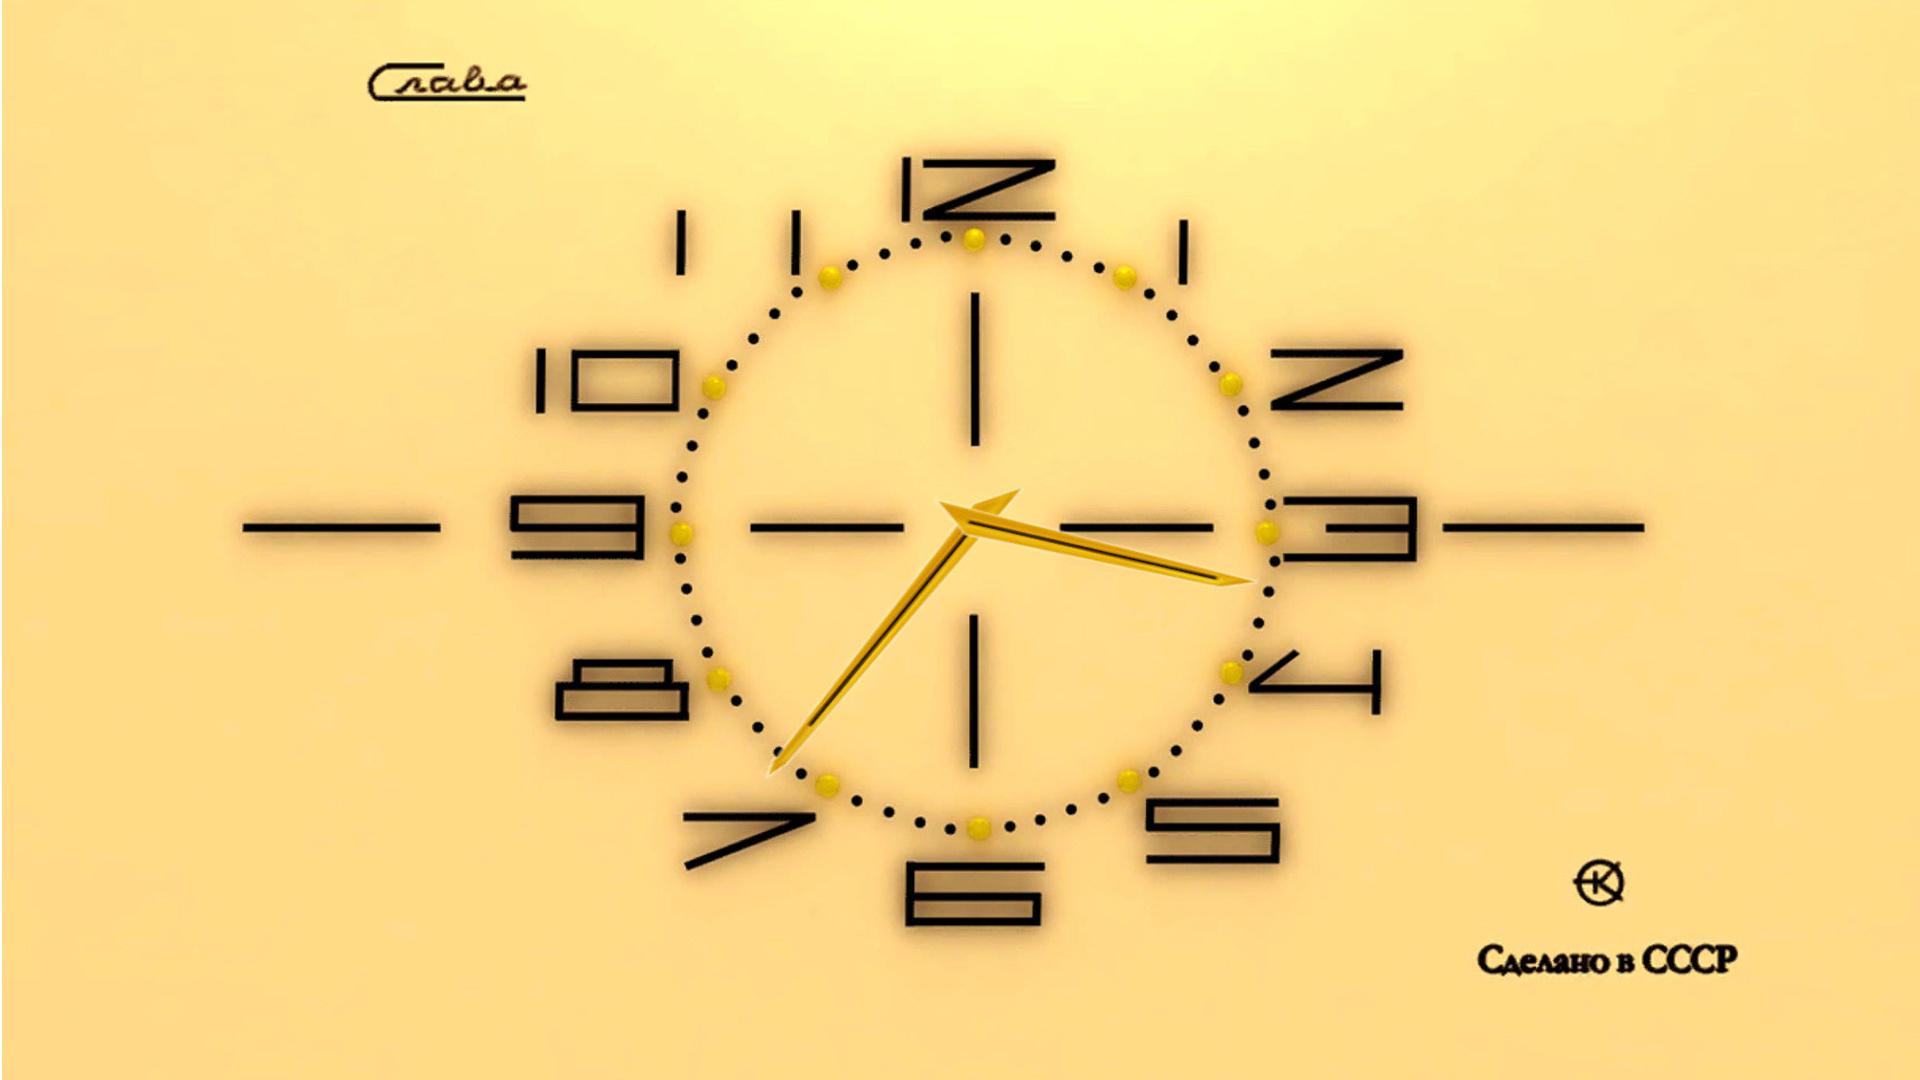 обои на рабочий стол часы и календарь скачать бесплатно № 204618  скачать